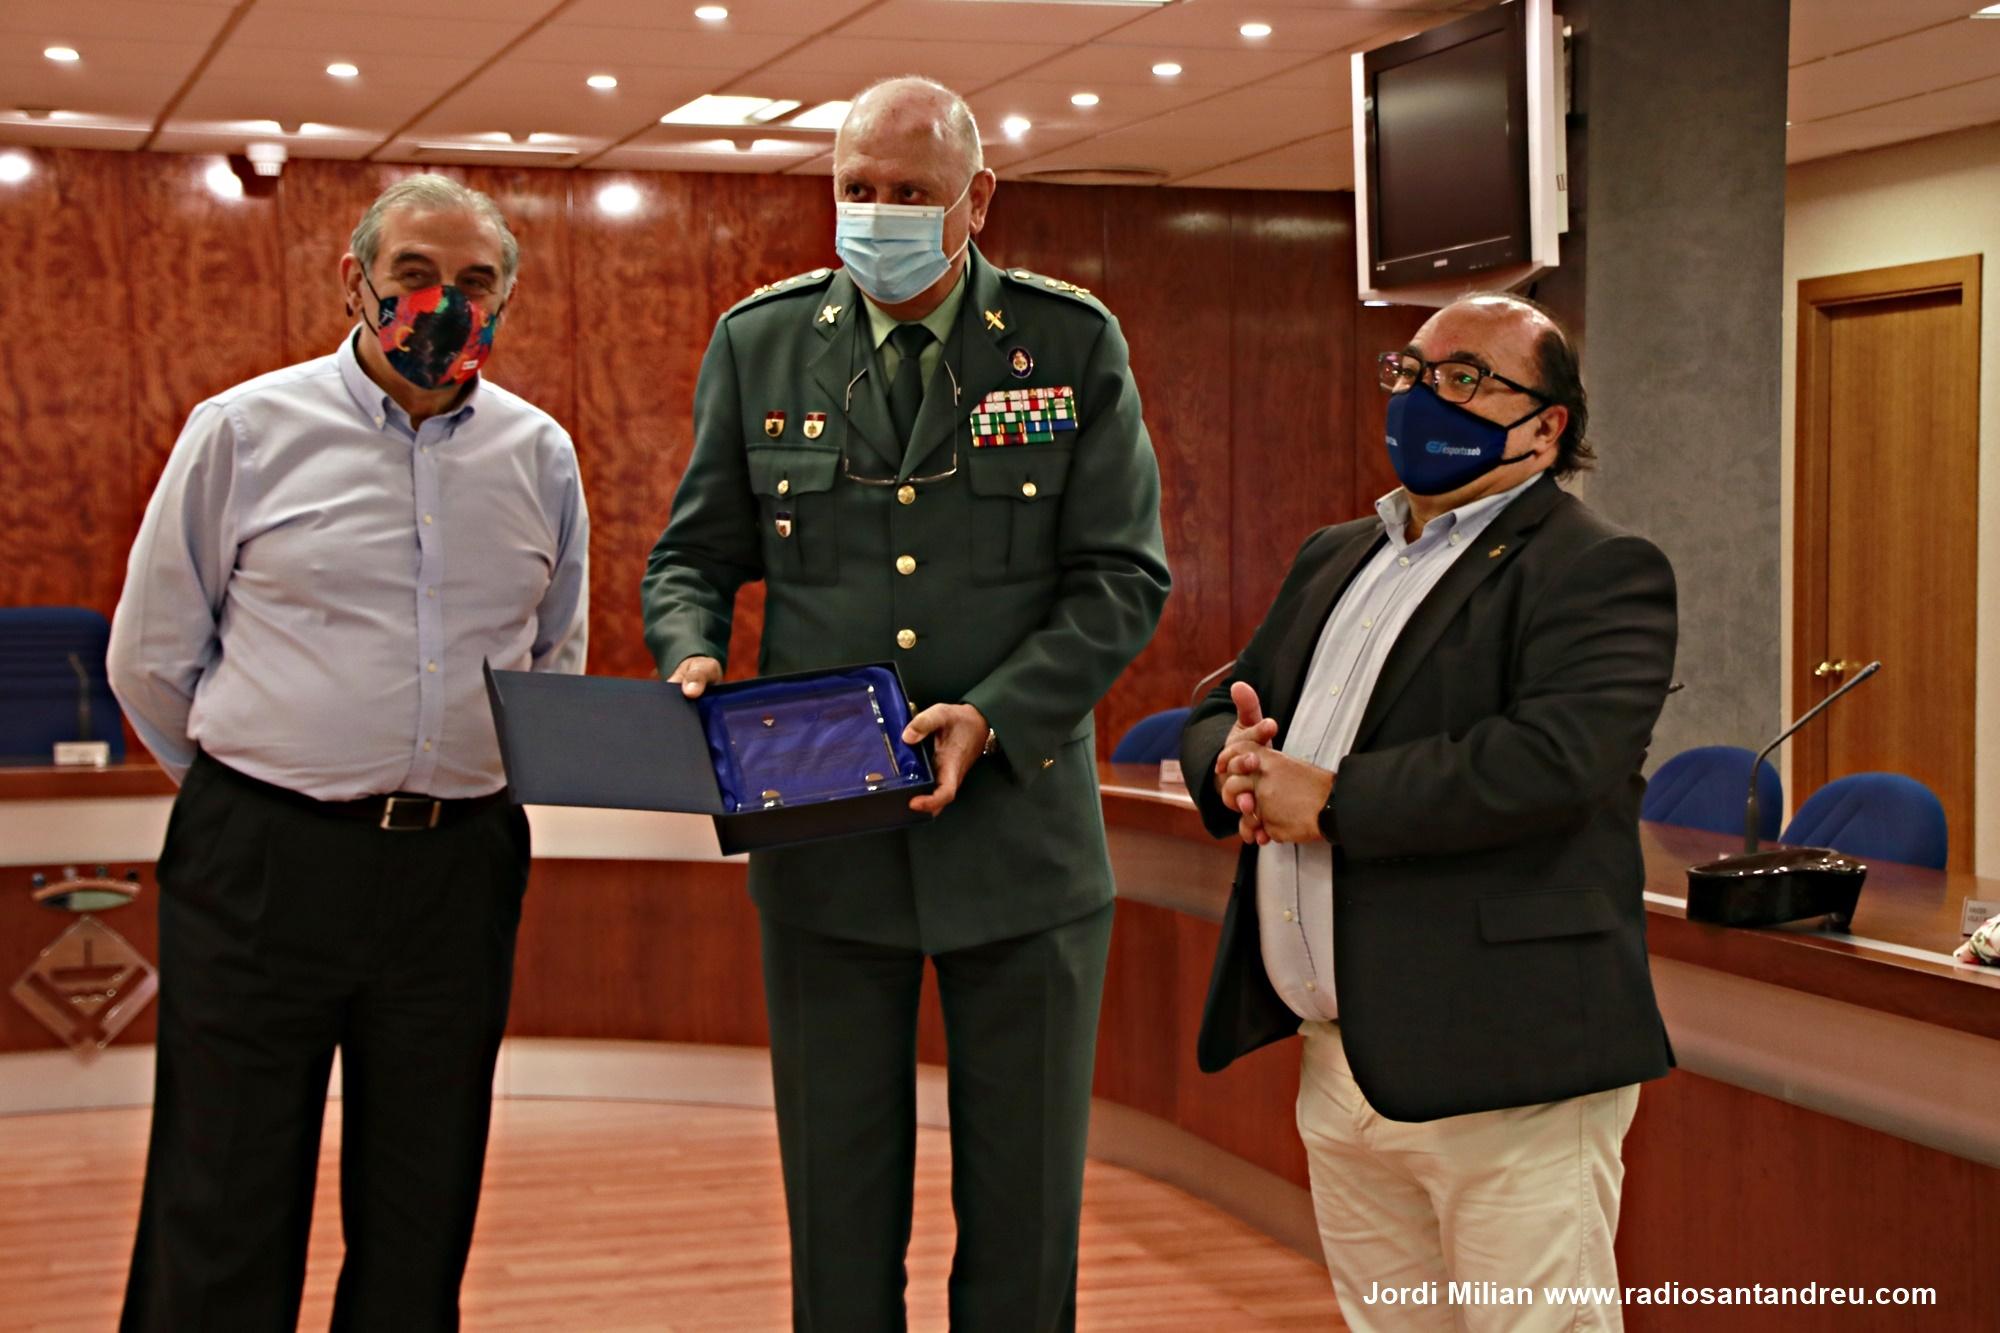 Entitats esportives SAB - Guardia Civil 004